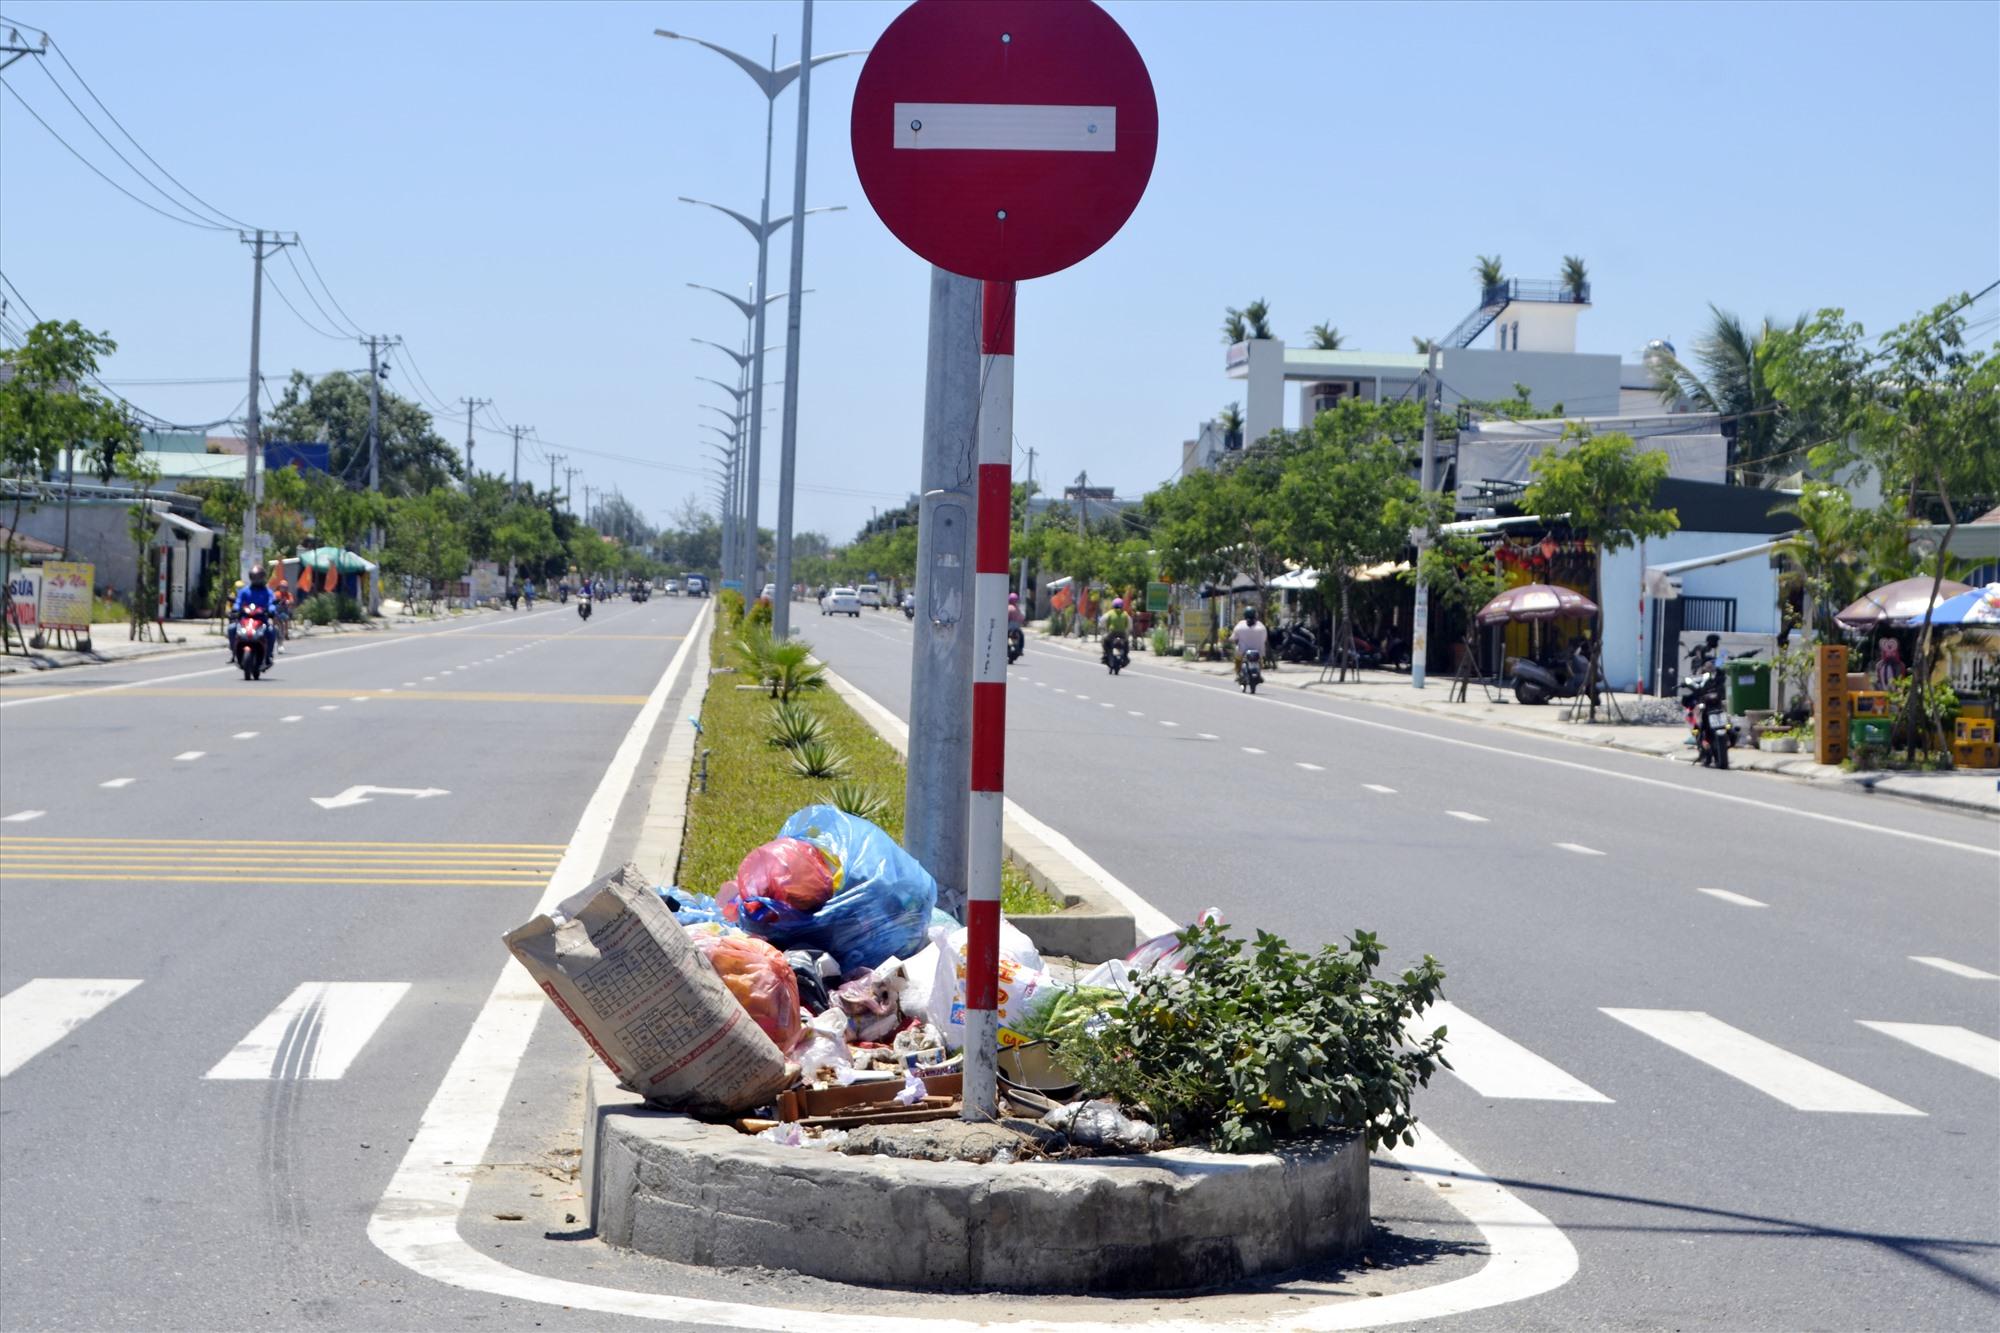 """Dải phân cách đường ĐT607 bị một số người dân phường Điện Nam Đông (Điện Bàn) """"tận dụng"""" làm bồn chứa rác thải. Ảnh: K.K"""